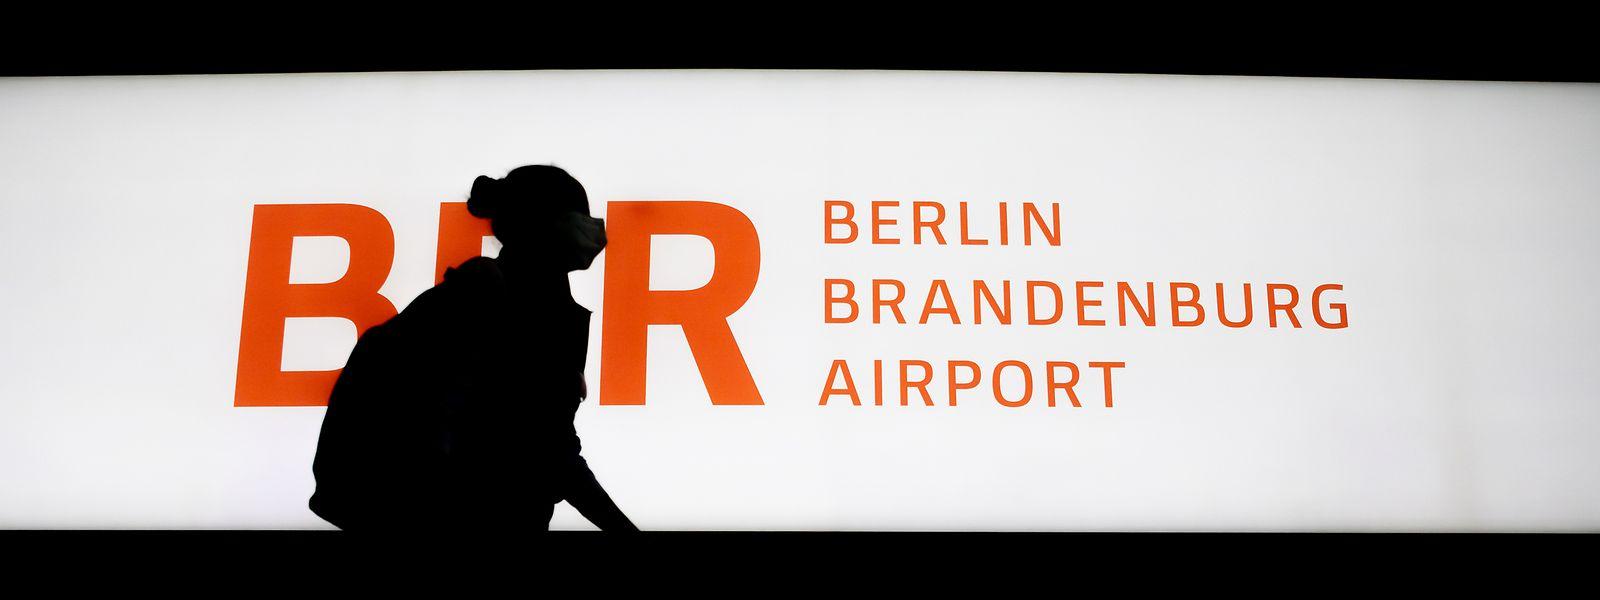 Pannenstadt Berlin: So chaotisch, wie der Bau des Flughafens in der deutschen Hauptstadt verlief, gestaltete sich auch der Tag der Bundestagswahl.